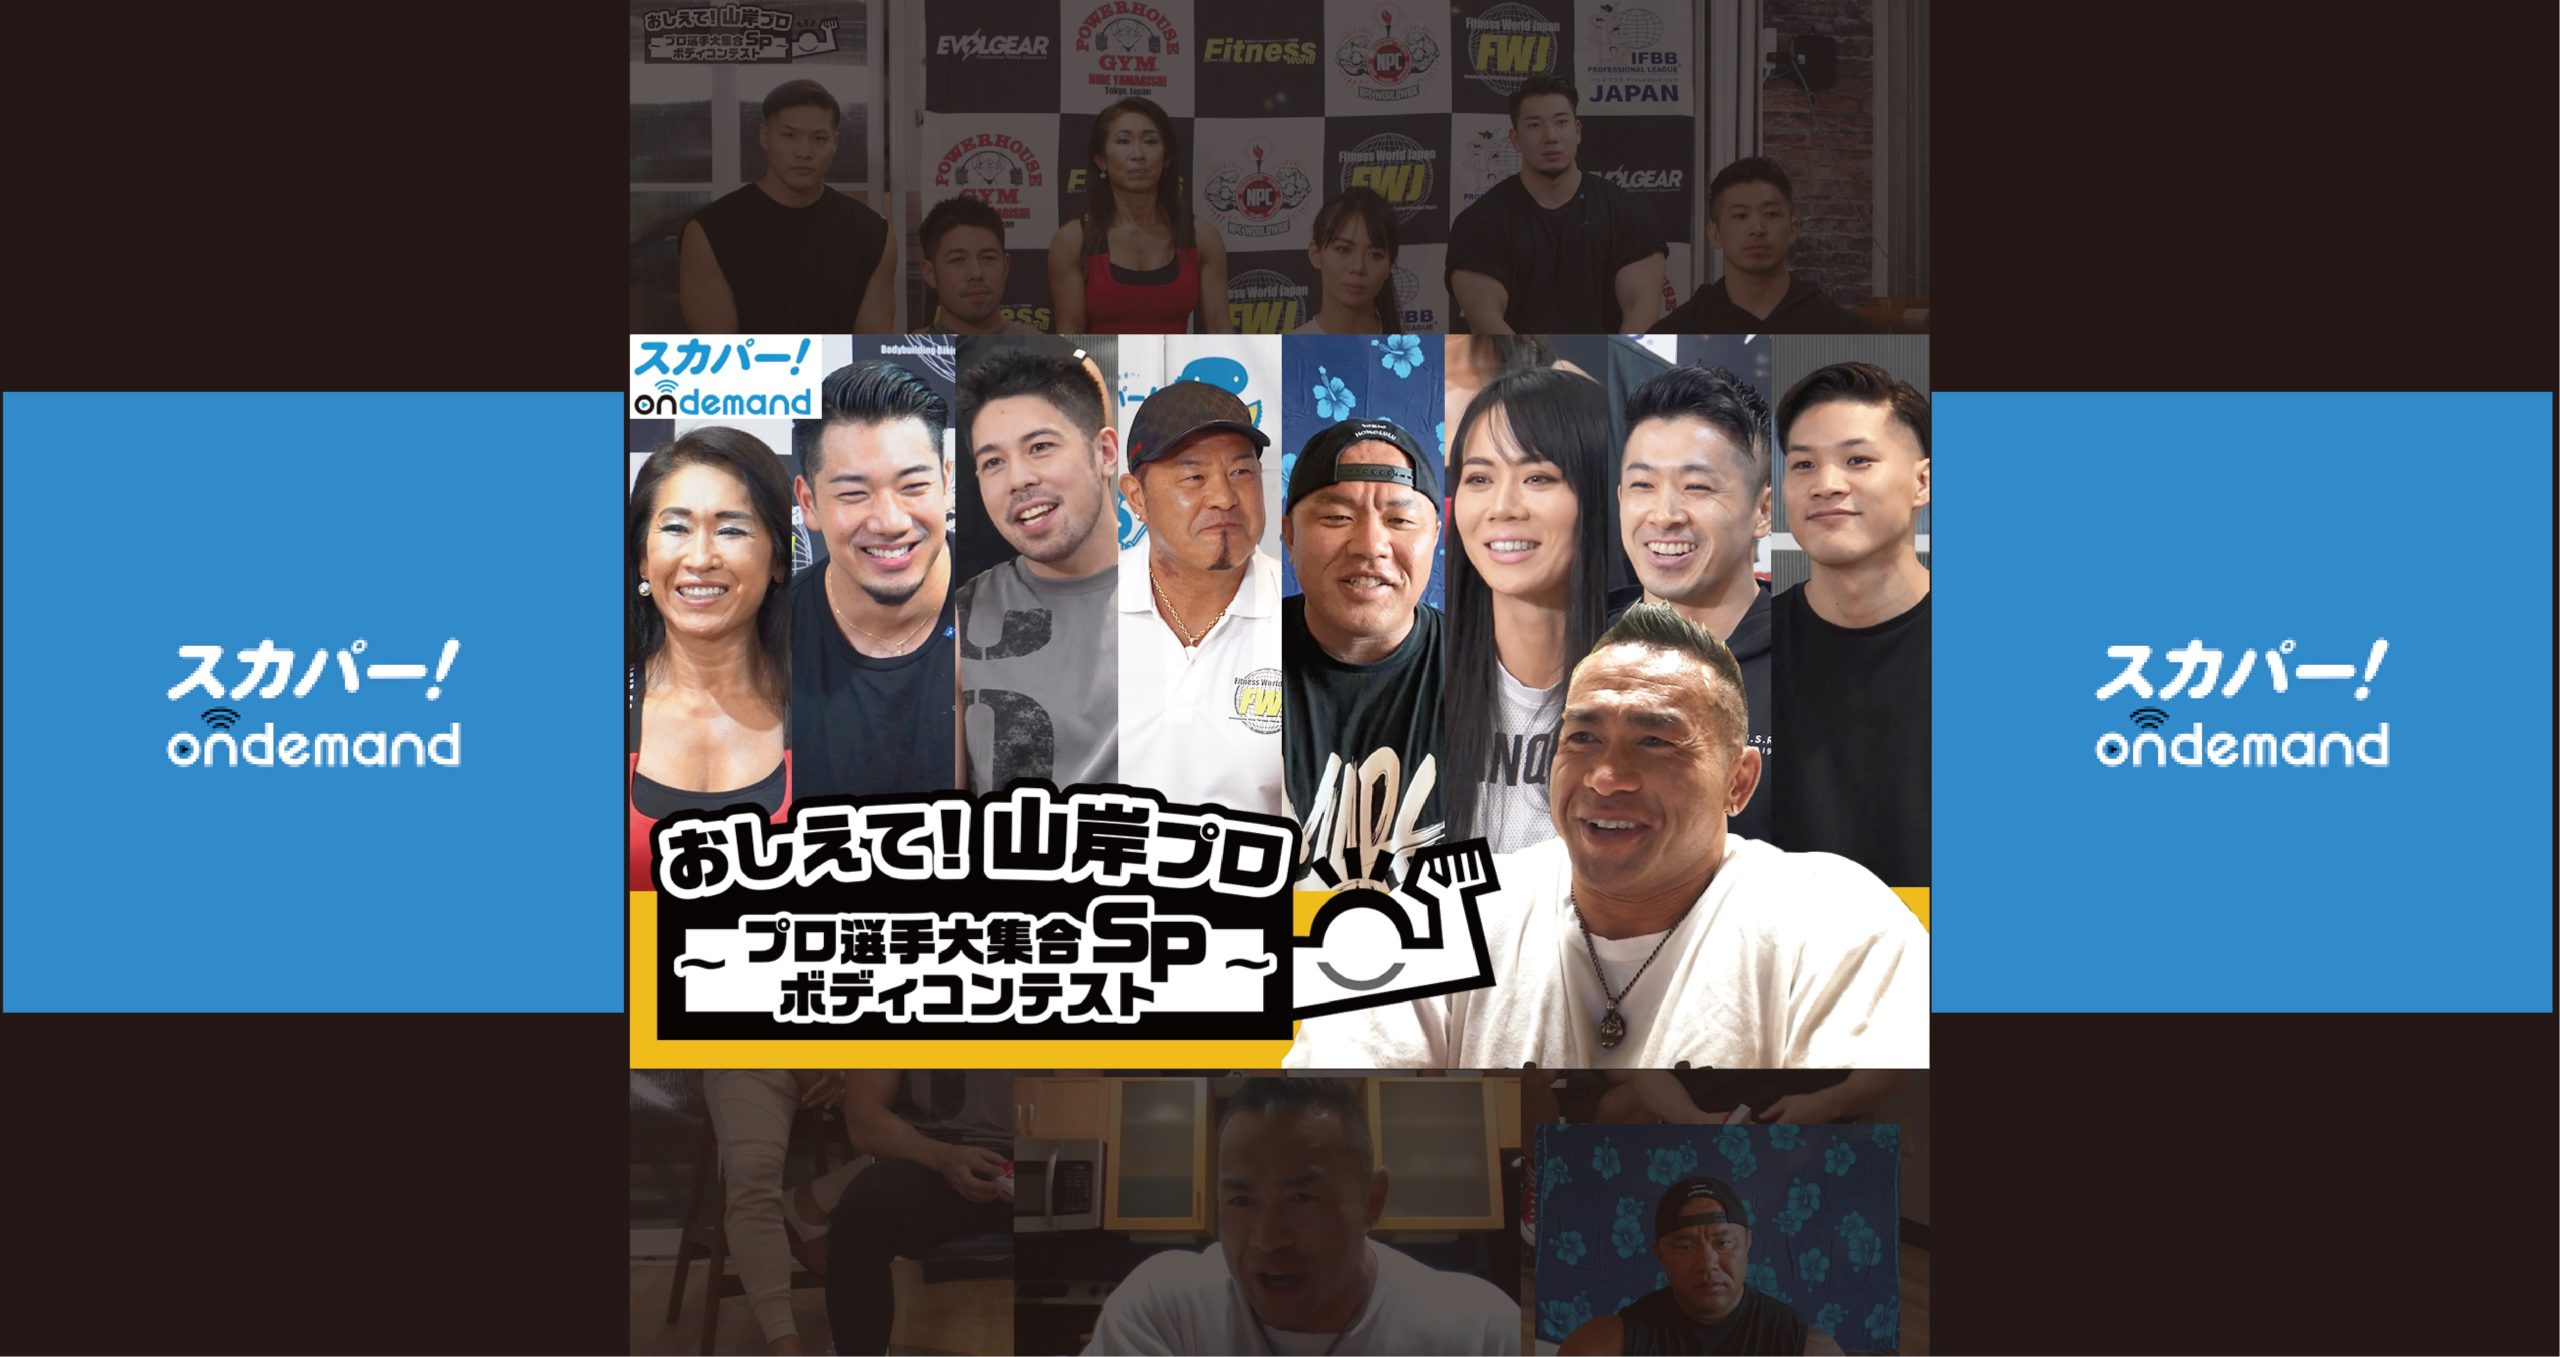 スカパーオンデマンド 『フィットネスチャンネルFWJ』8/1(土) 夜中0:00~販売再開!